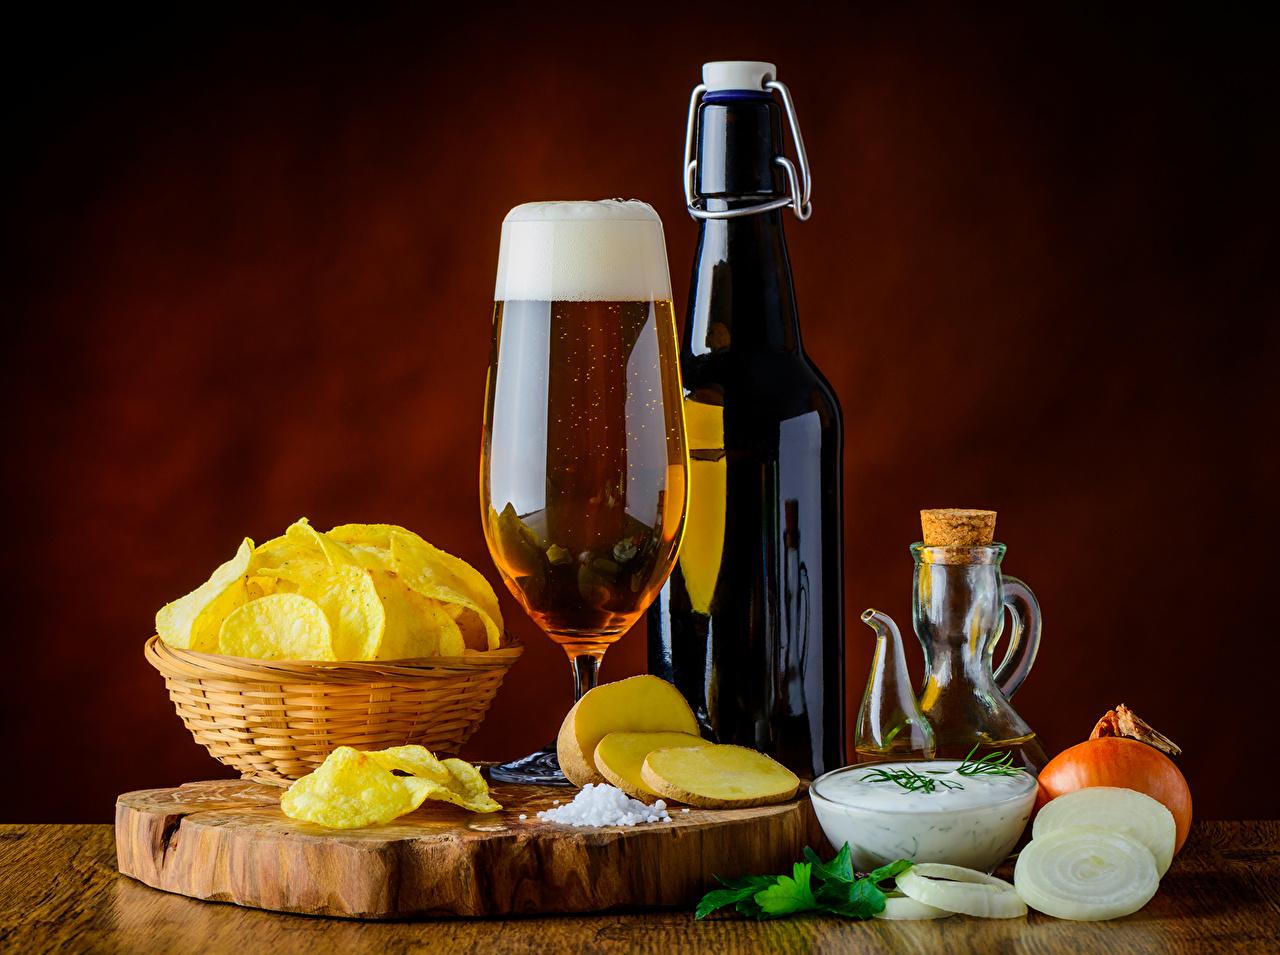 、ビール、玉葱、瓶、ワイングラス、ポテトチップス、��マネギ、食品